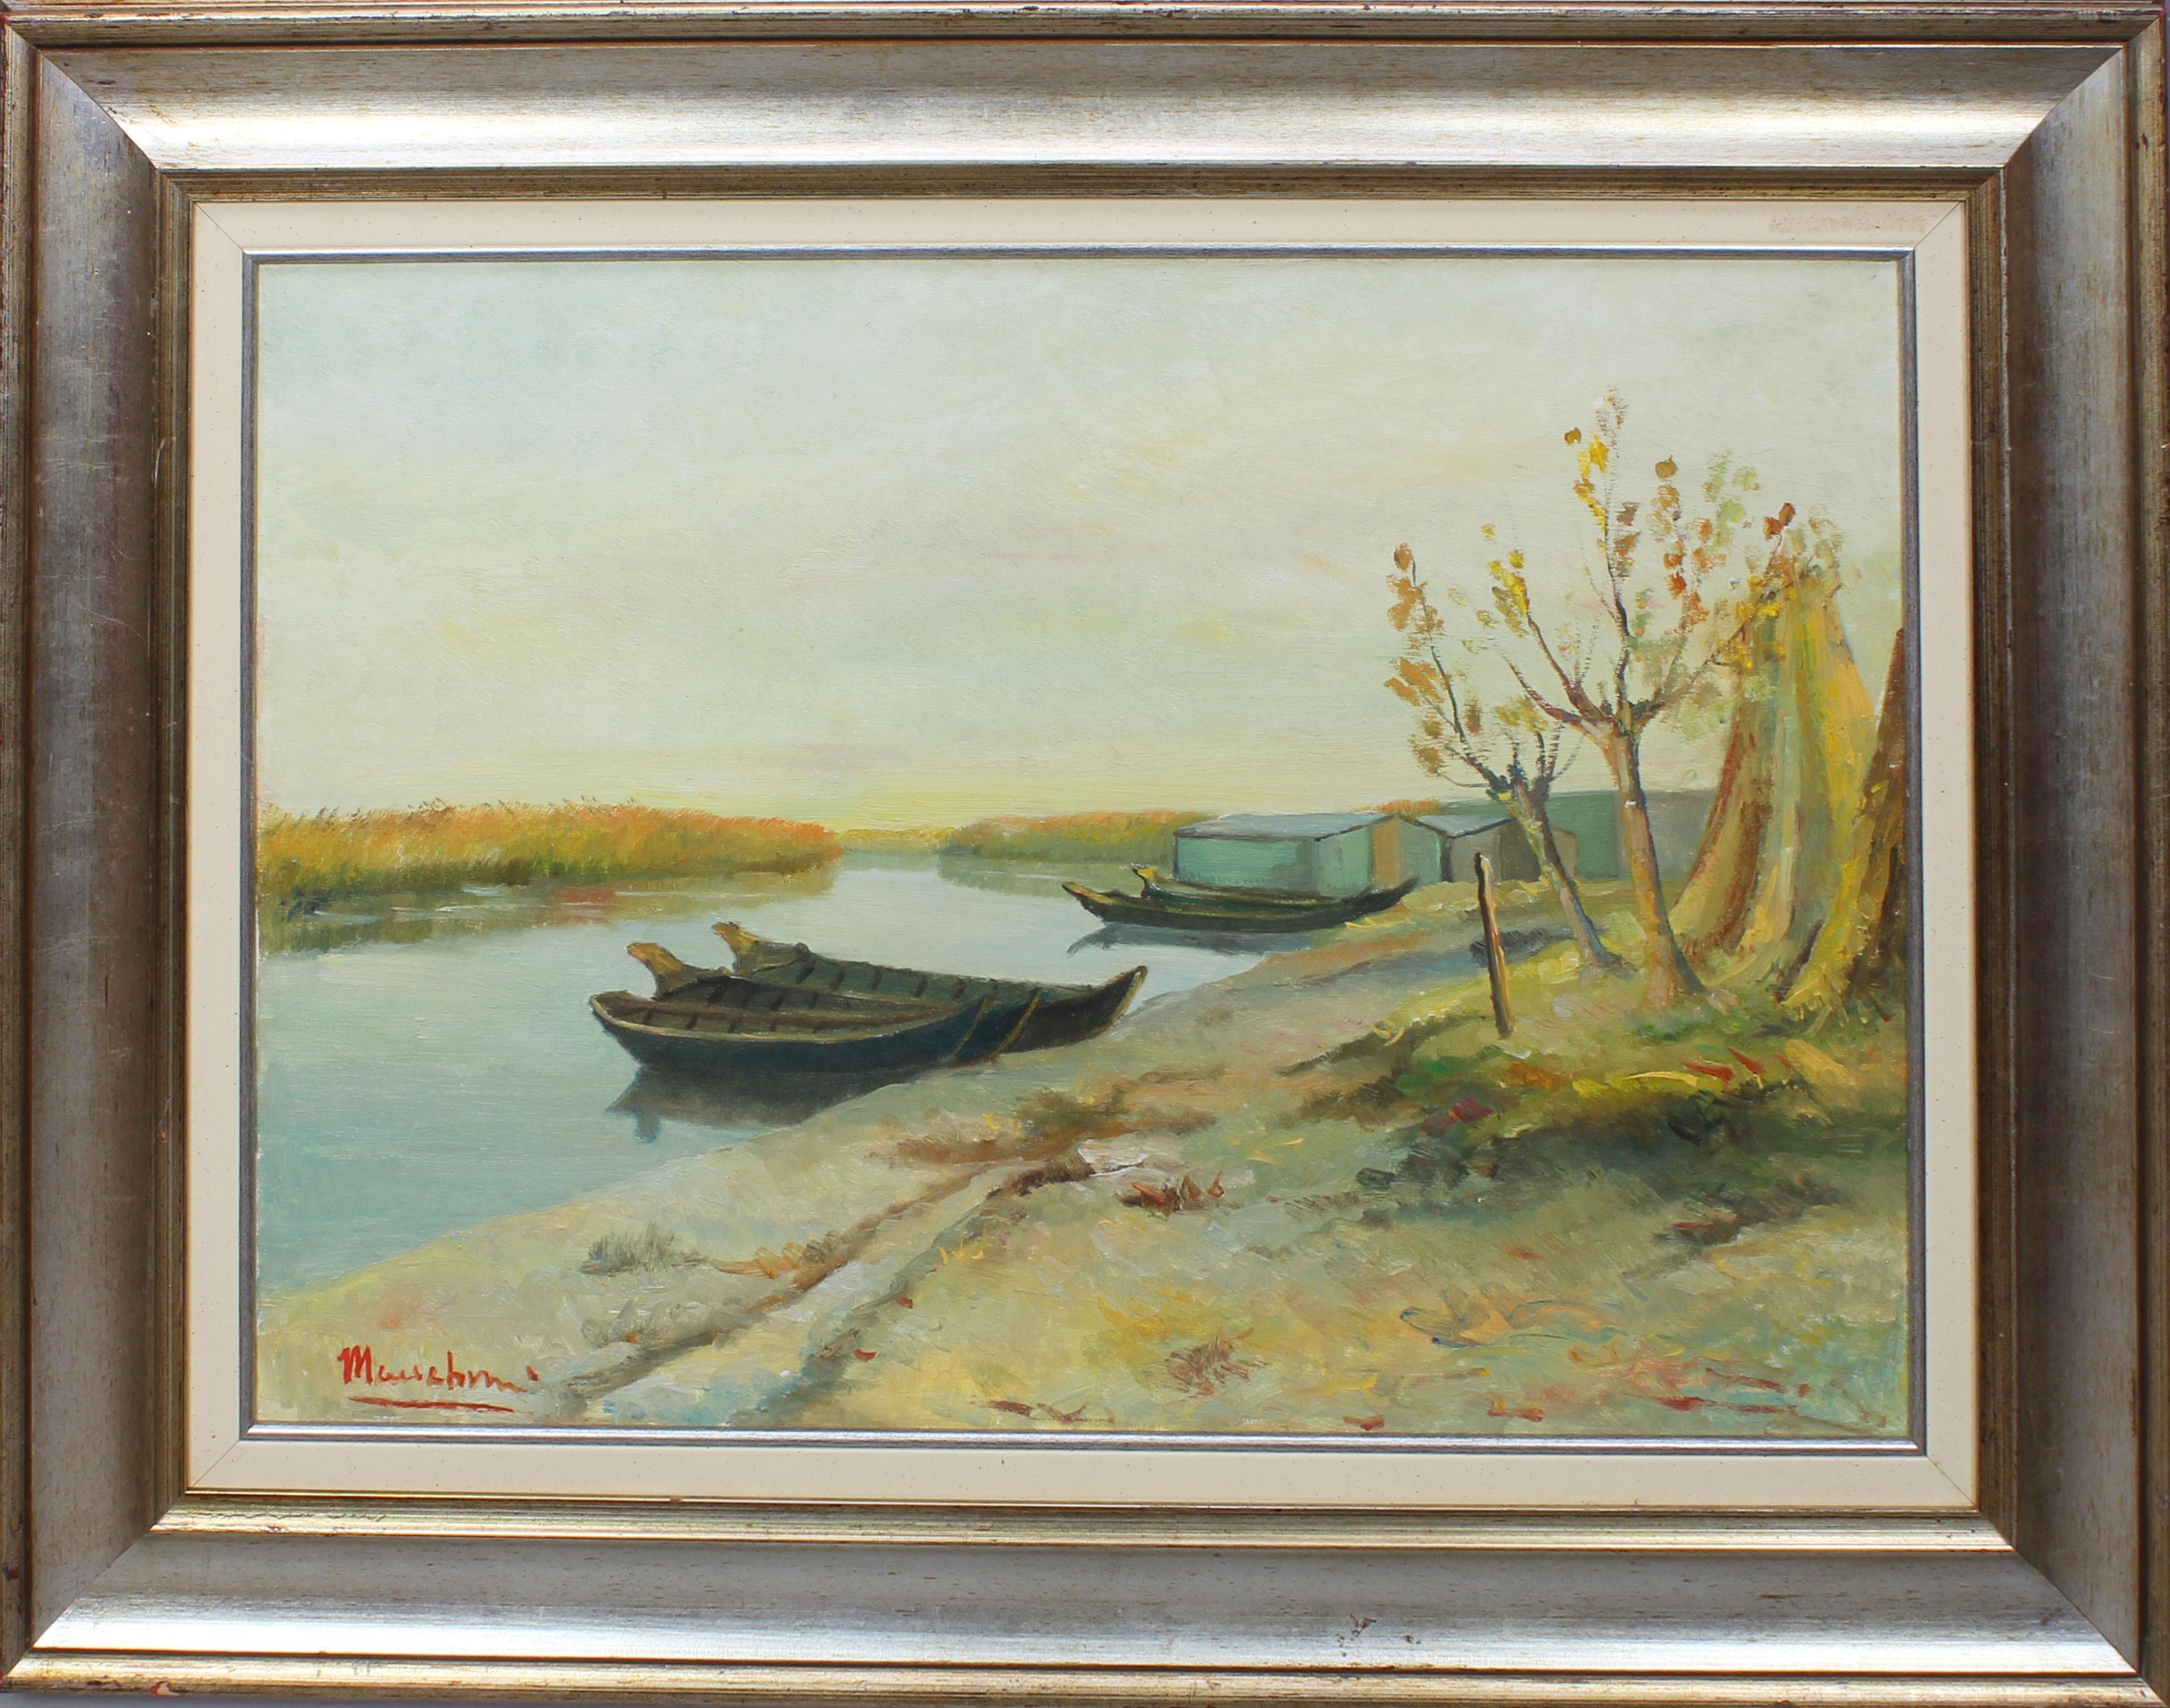 Lot 26 - Barche sul lago di Mantova, a firma Maccabruni, olio su tela, cm. 70x50